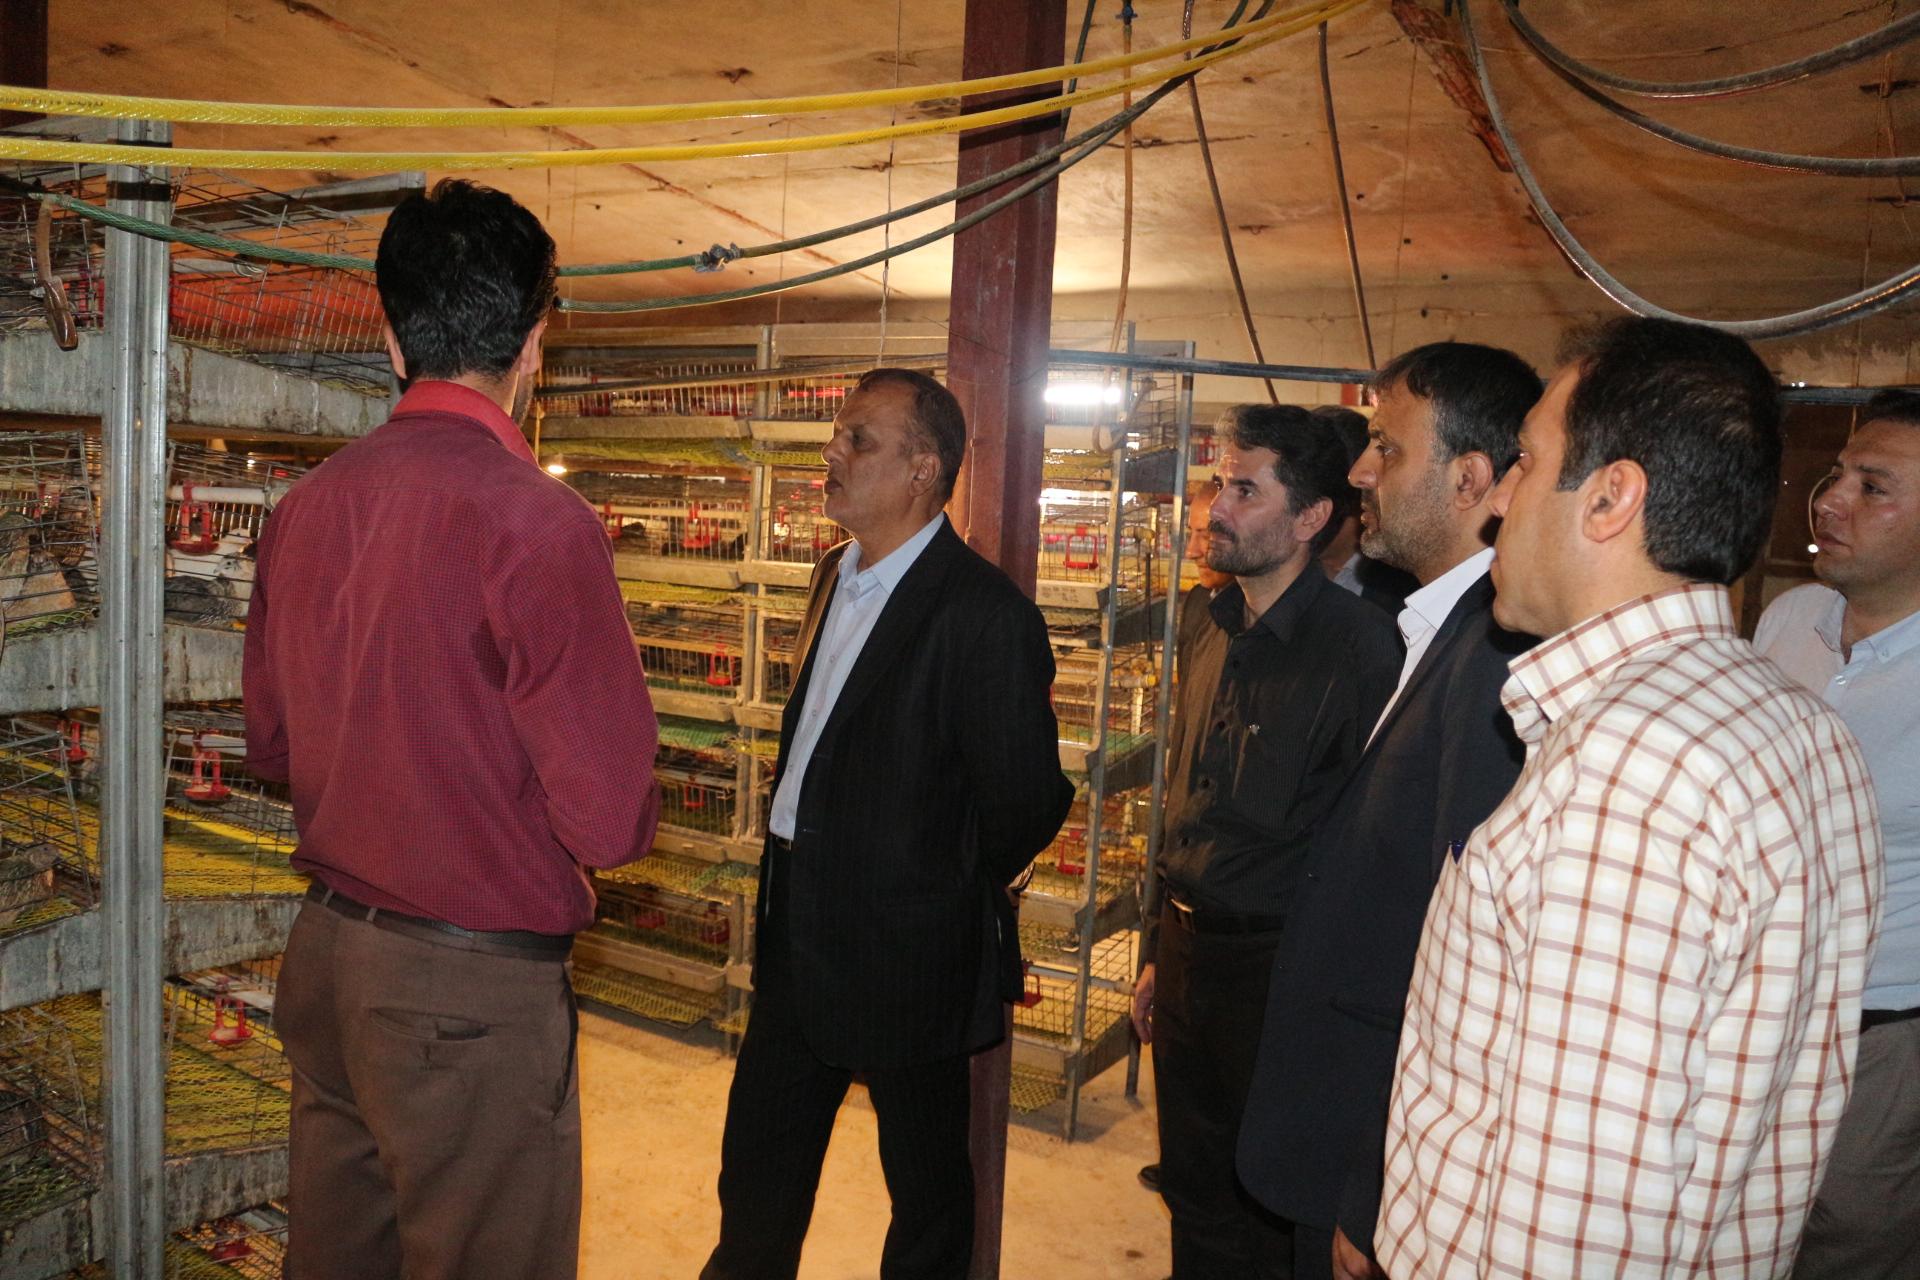 بازدید مهندس فراهانی و اعضای تخصصی مرکز به همراه تیم کانون استان کردستان از کارگاه صنعتی پرورش بلدرچین